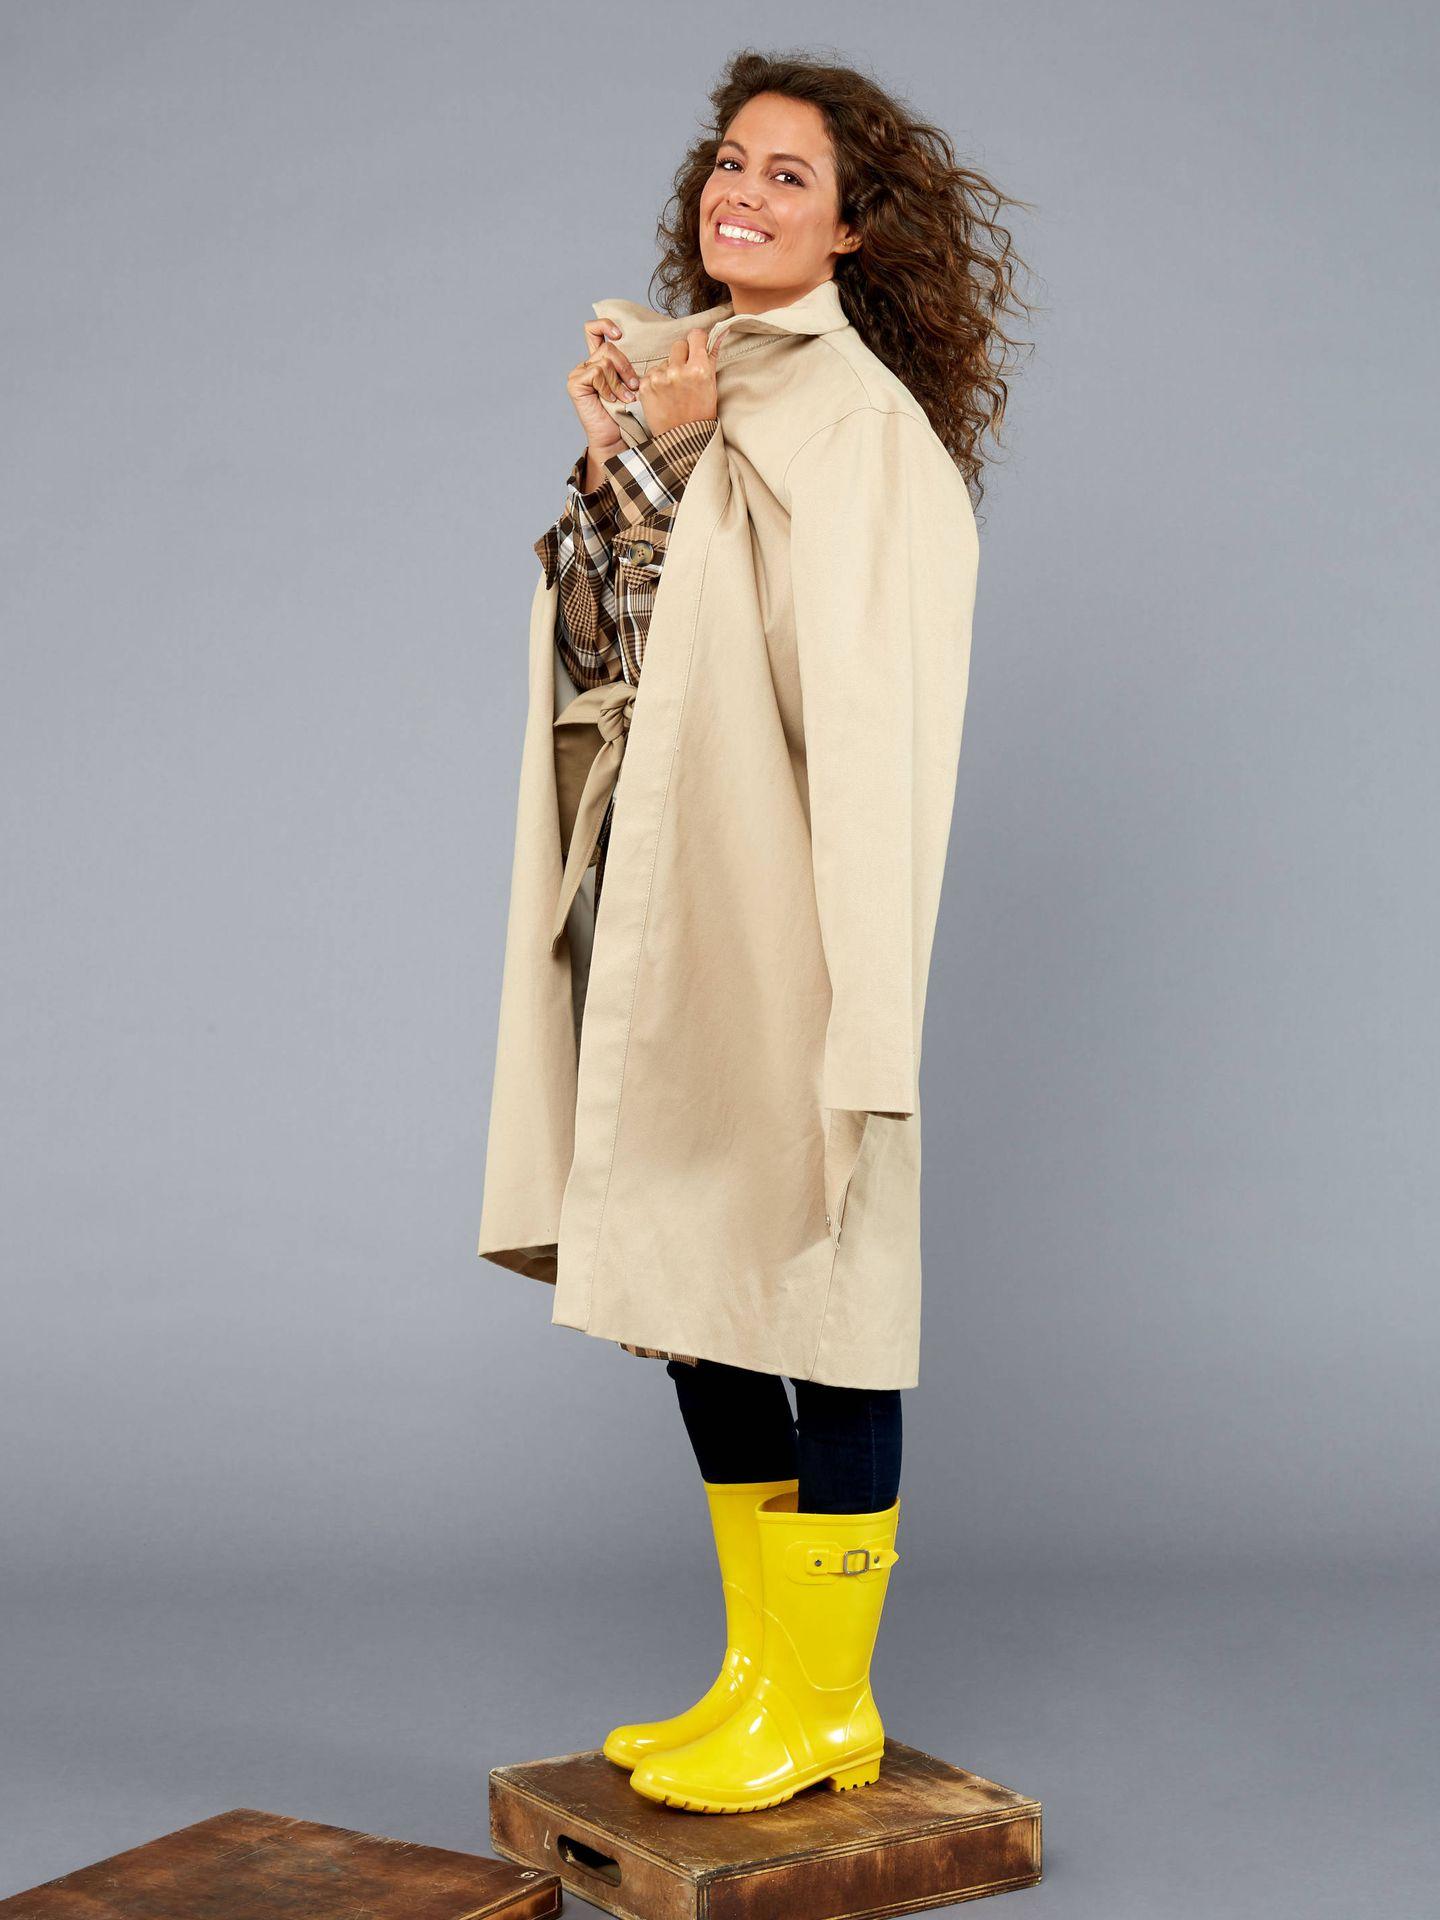 Laura Madrueño lleva gabardina cuadros y trench de Zara, jeans de Levis y botas de Igor. (Foto: Olga Moreno)